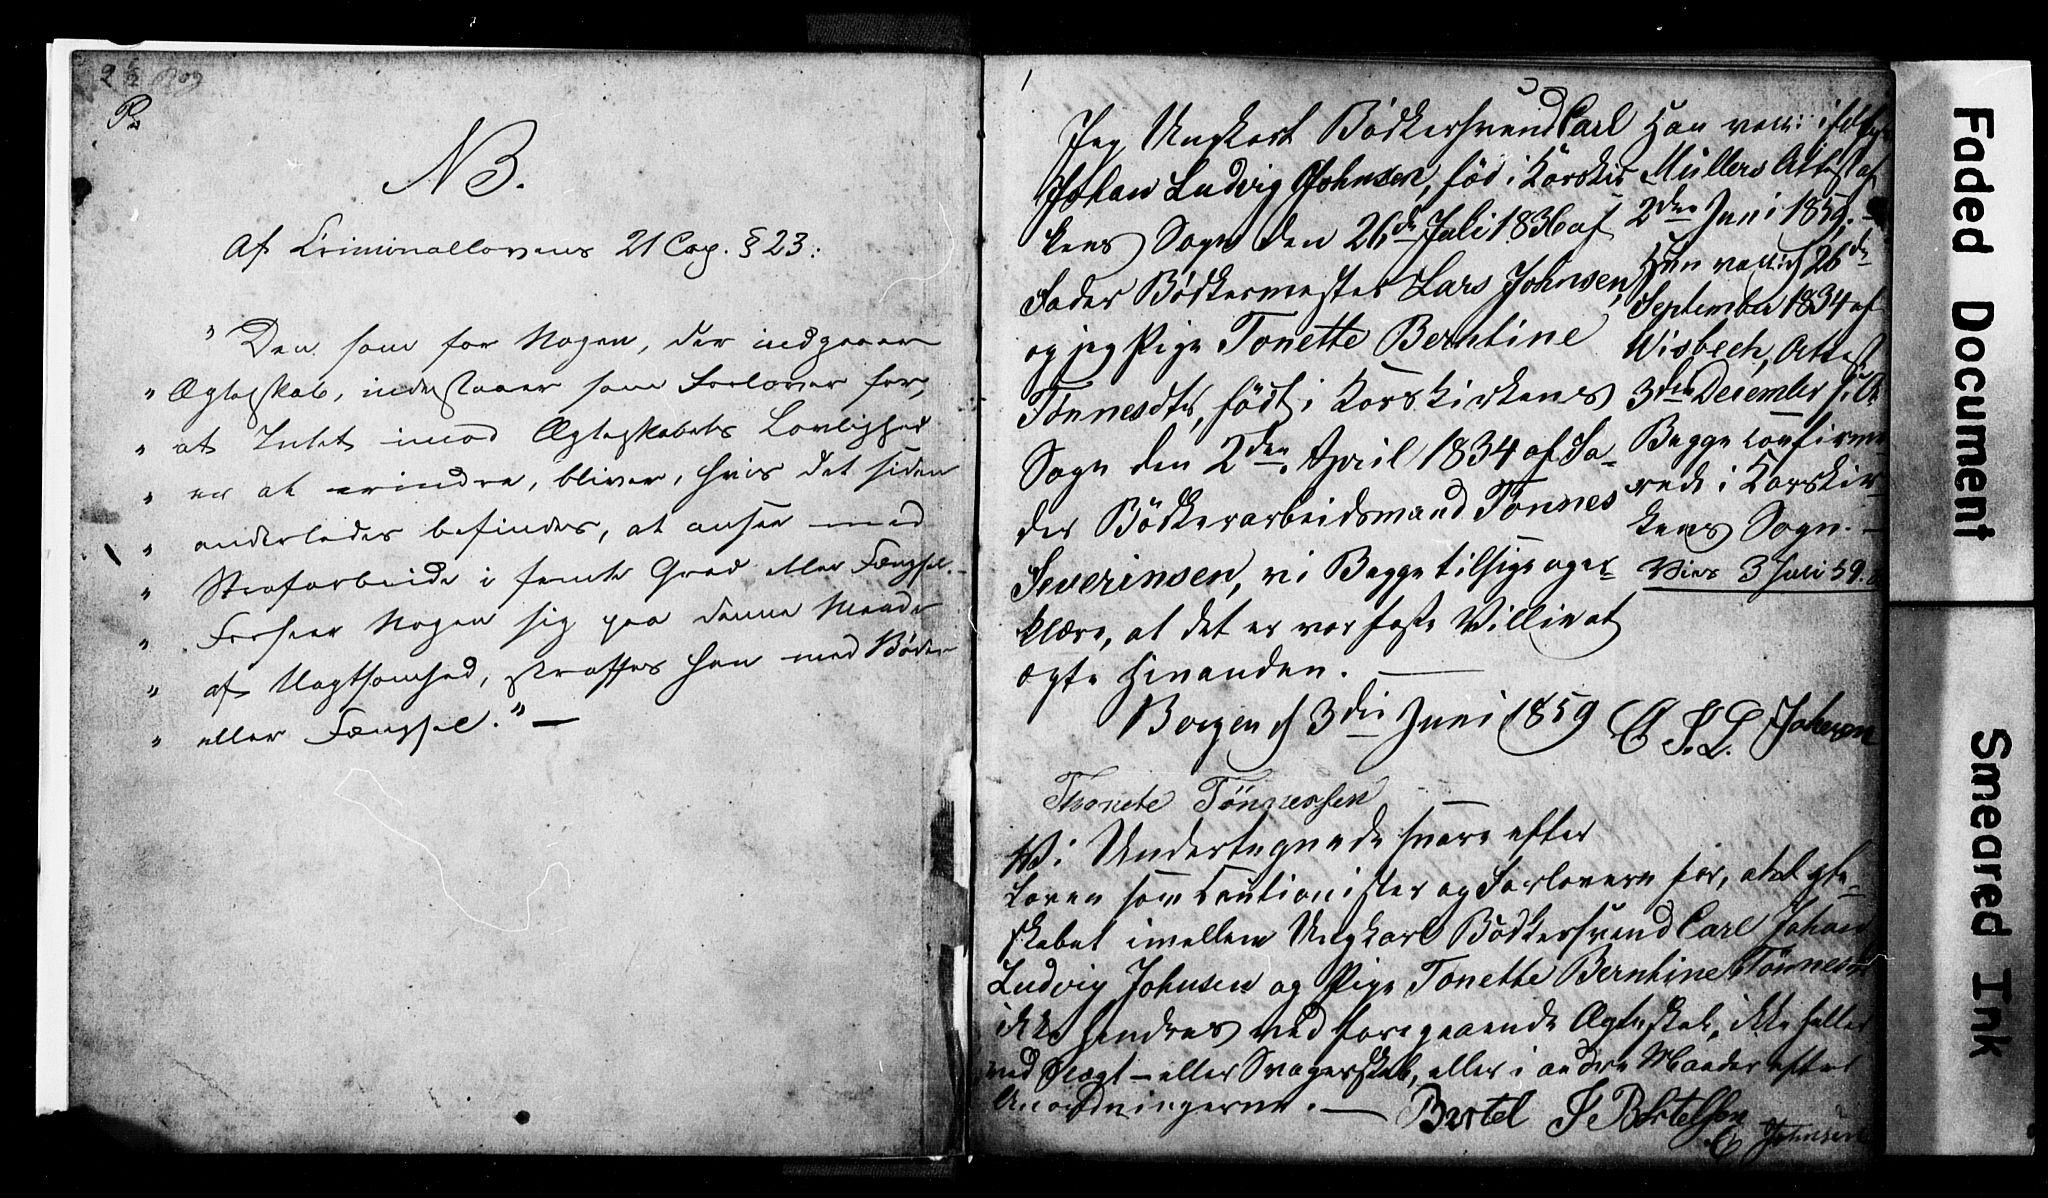 SAB, Korskirken Sokneprestembete, Forlovererklæringer nr. II.5.2, 1859-1865, s. 1